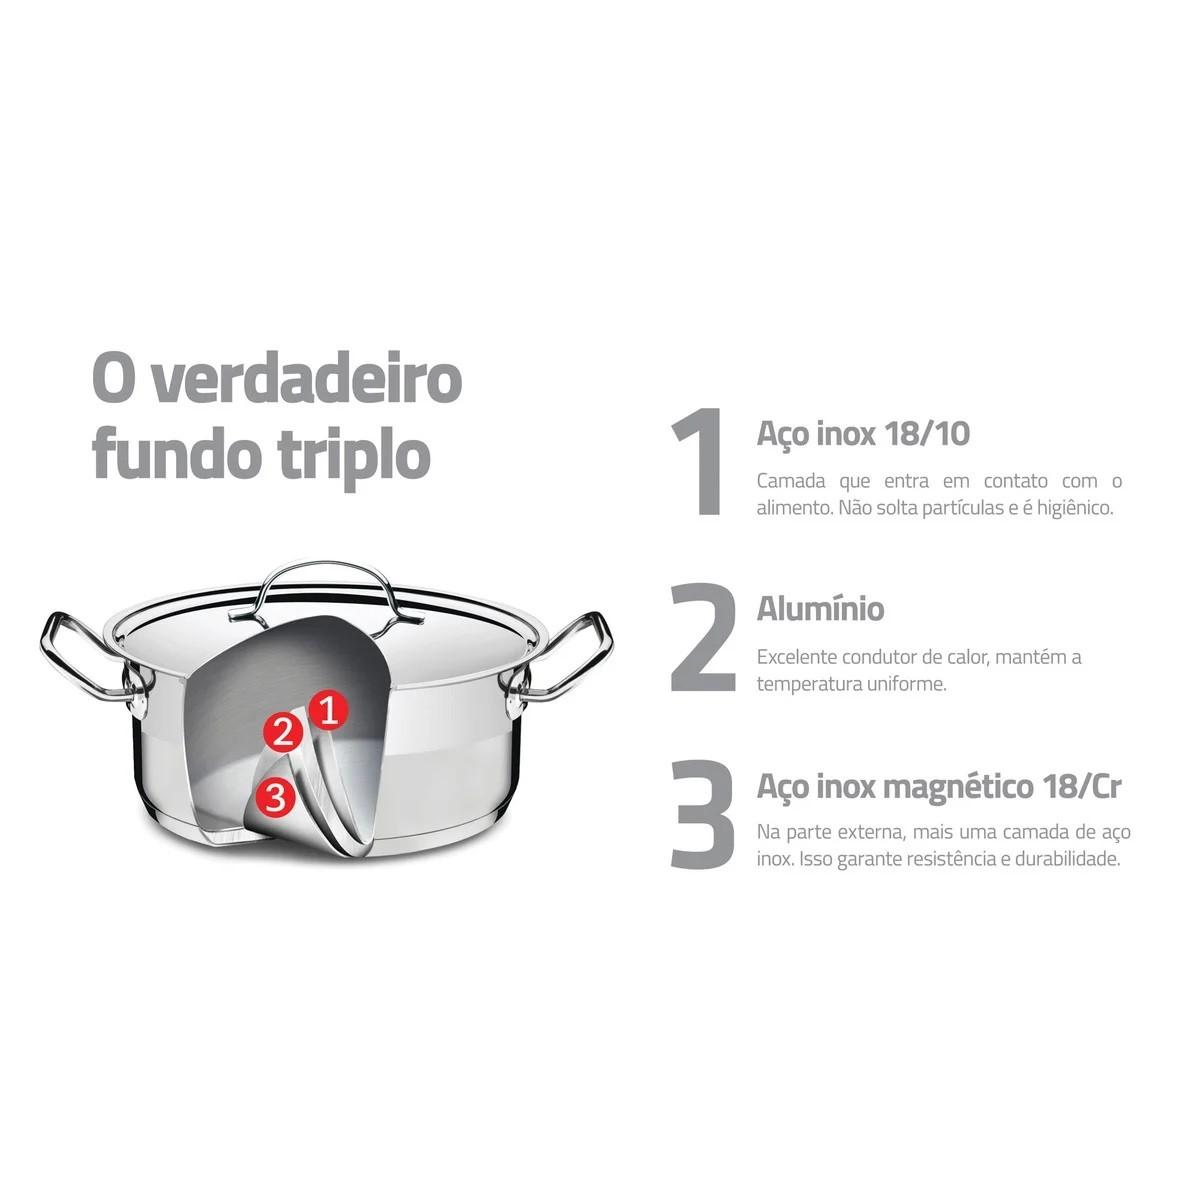 Jogo Caçarola Funda Inox e Cozi-Vapore Professional 16cm 1,6l  - Sua Casa Gourmet e Cia